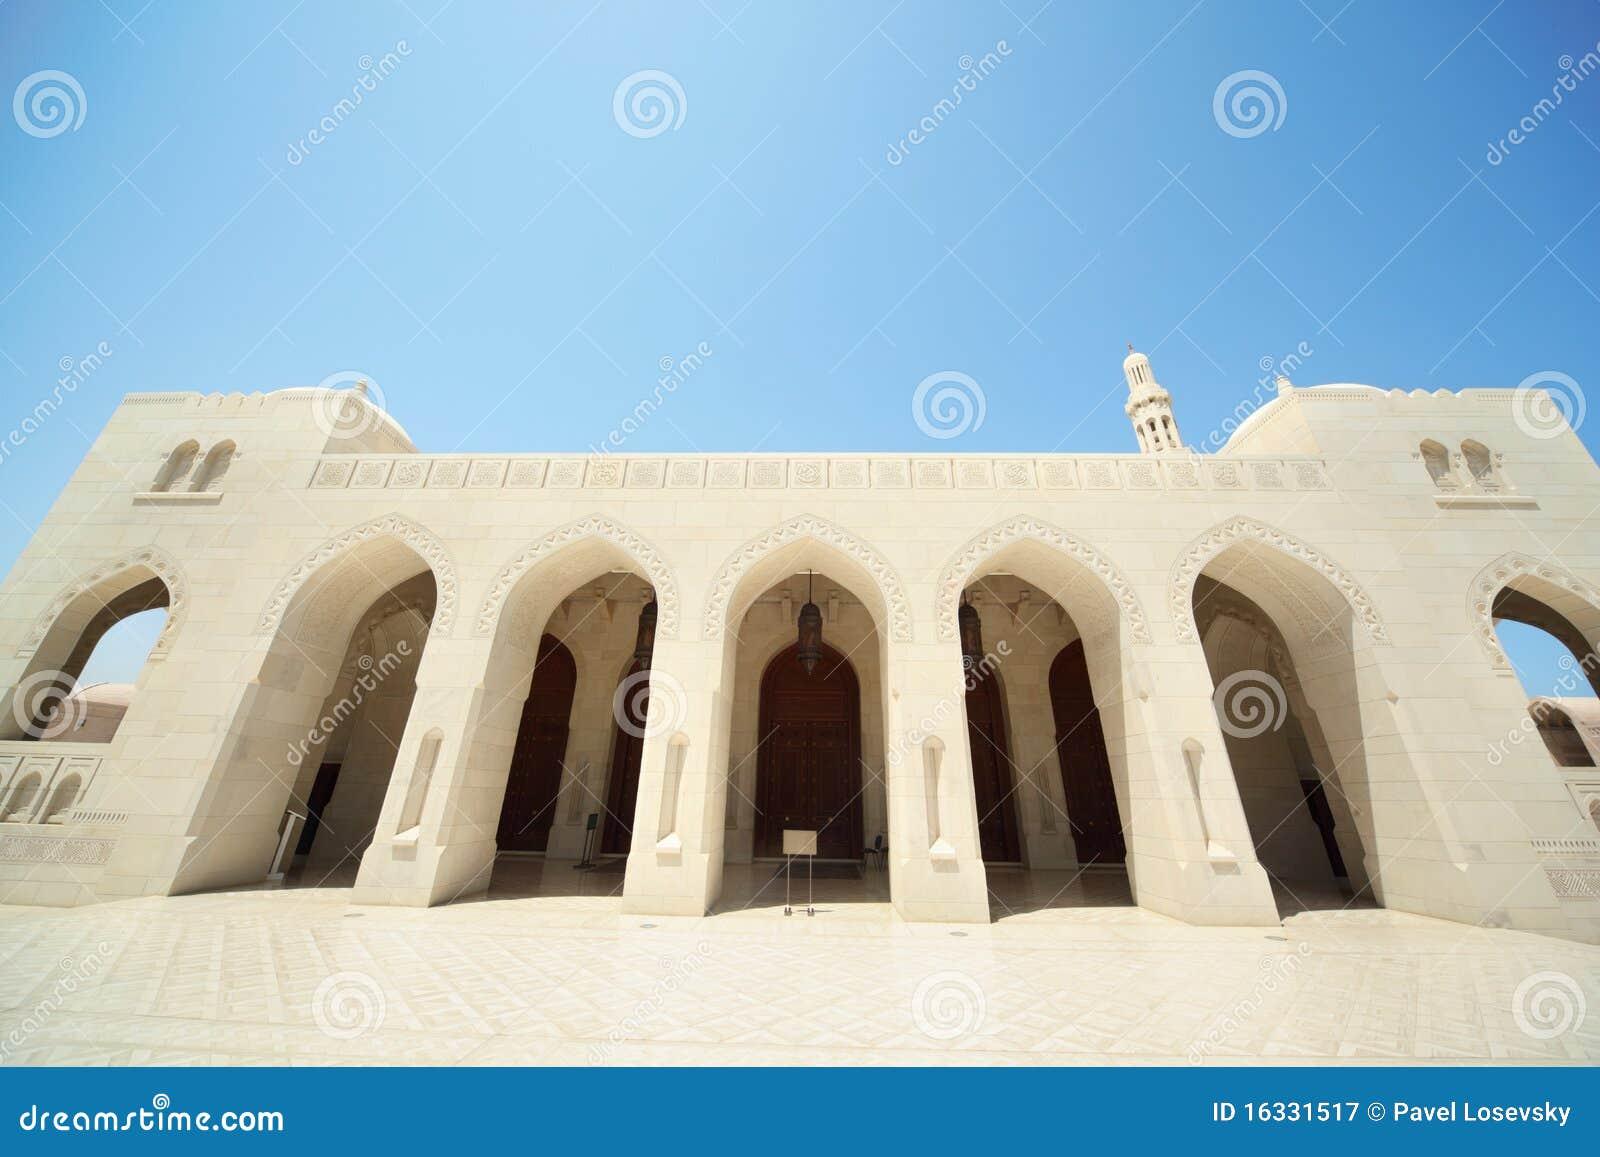 Grandi Archi Di Costruzione All'interno Della Moschea Grande Nell